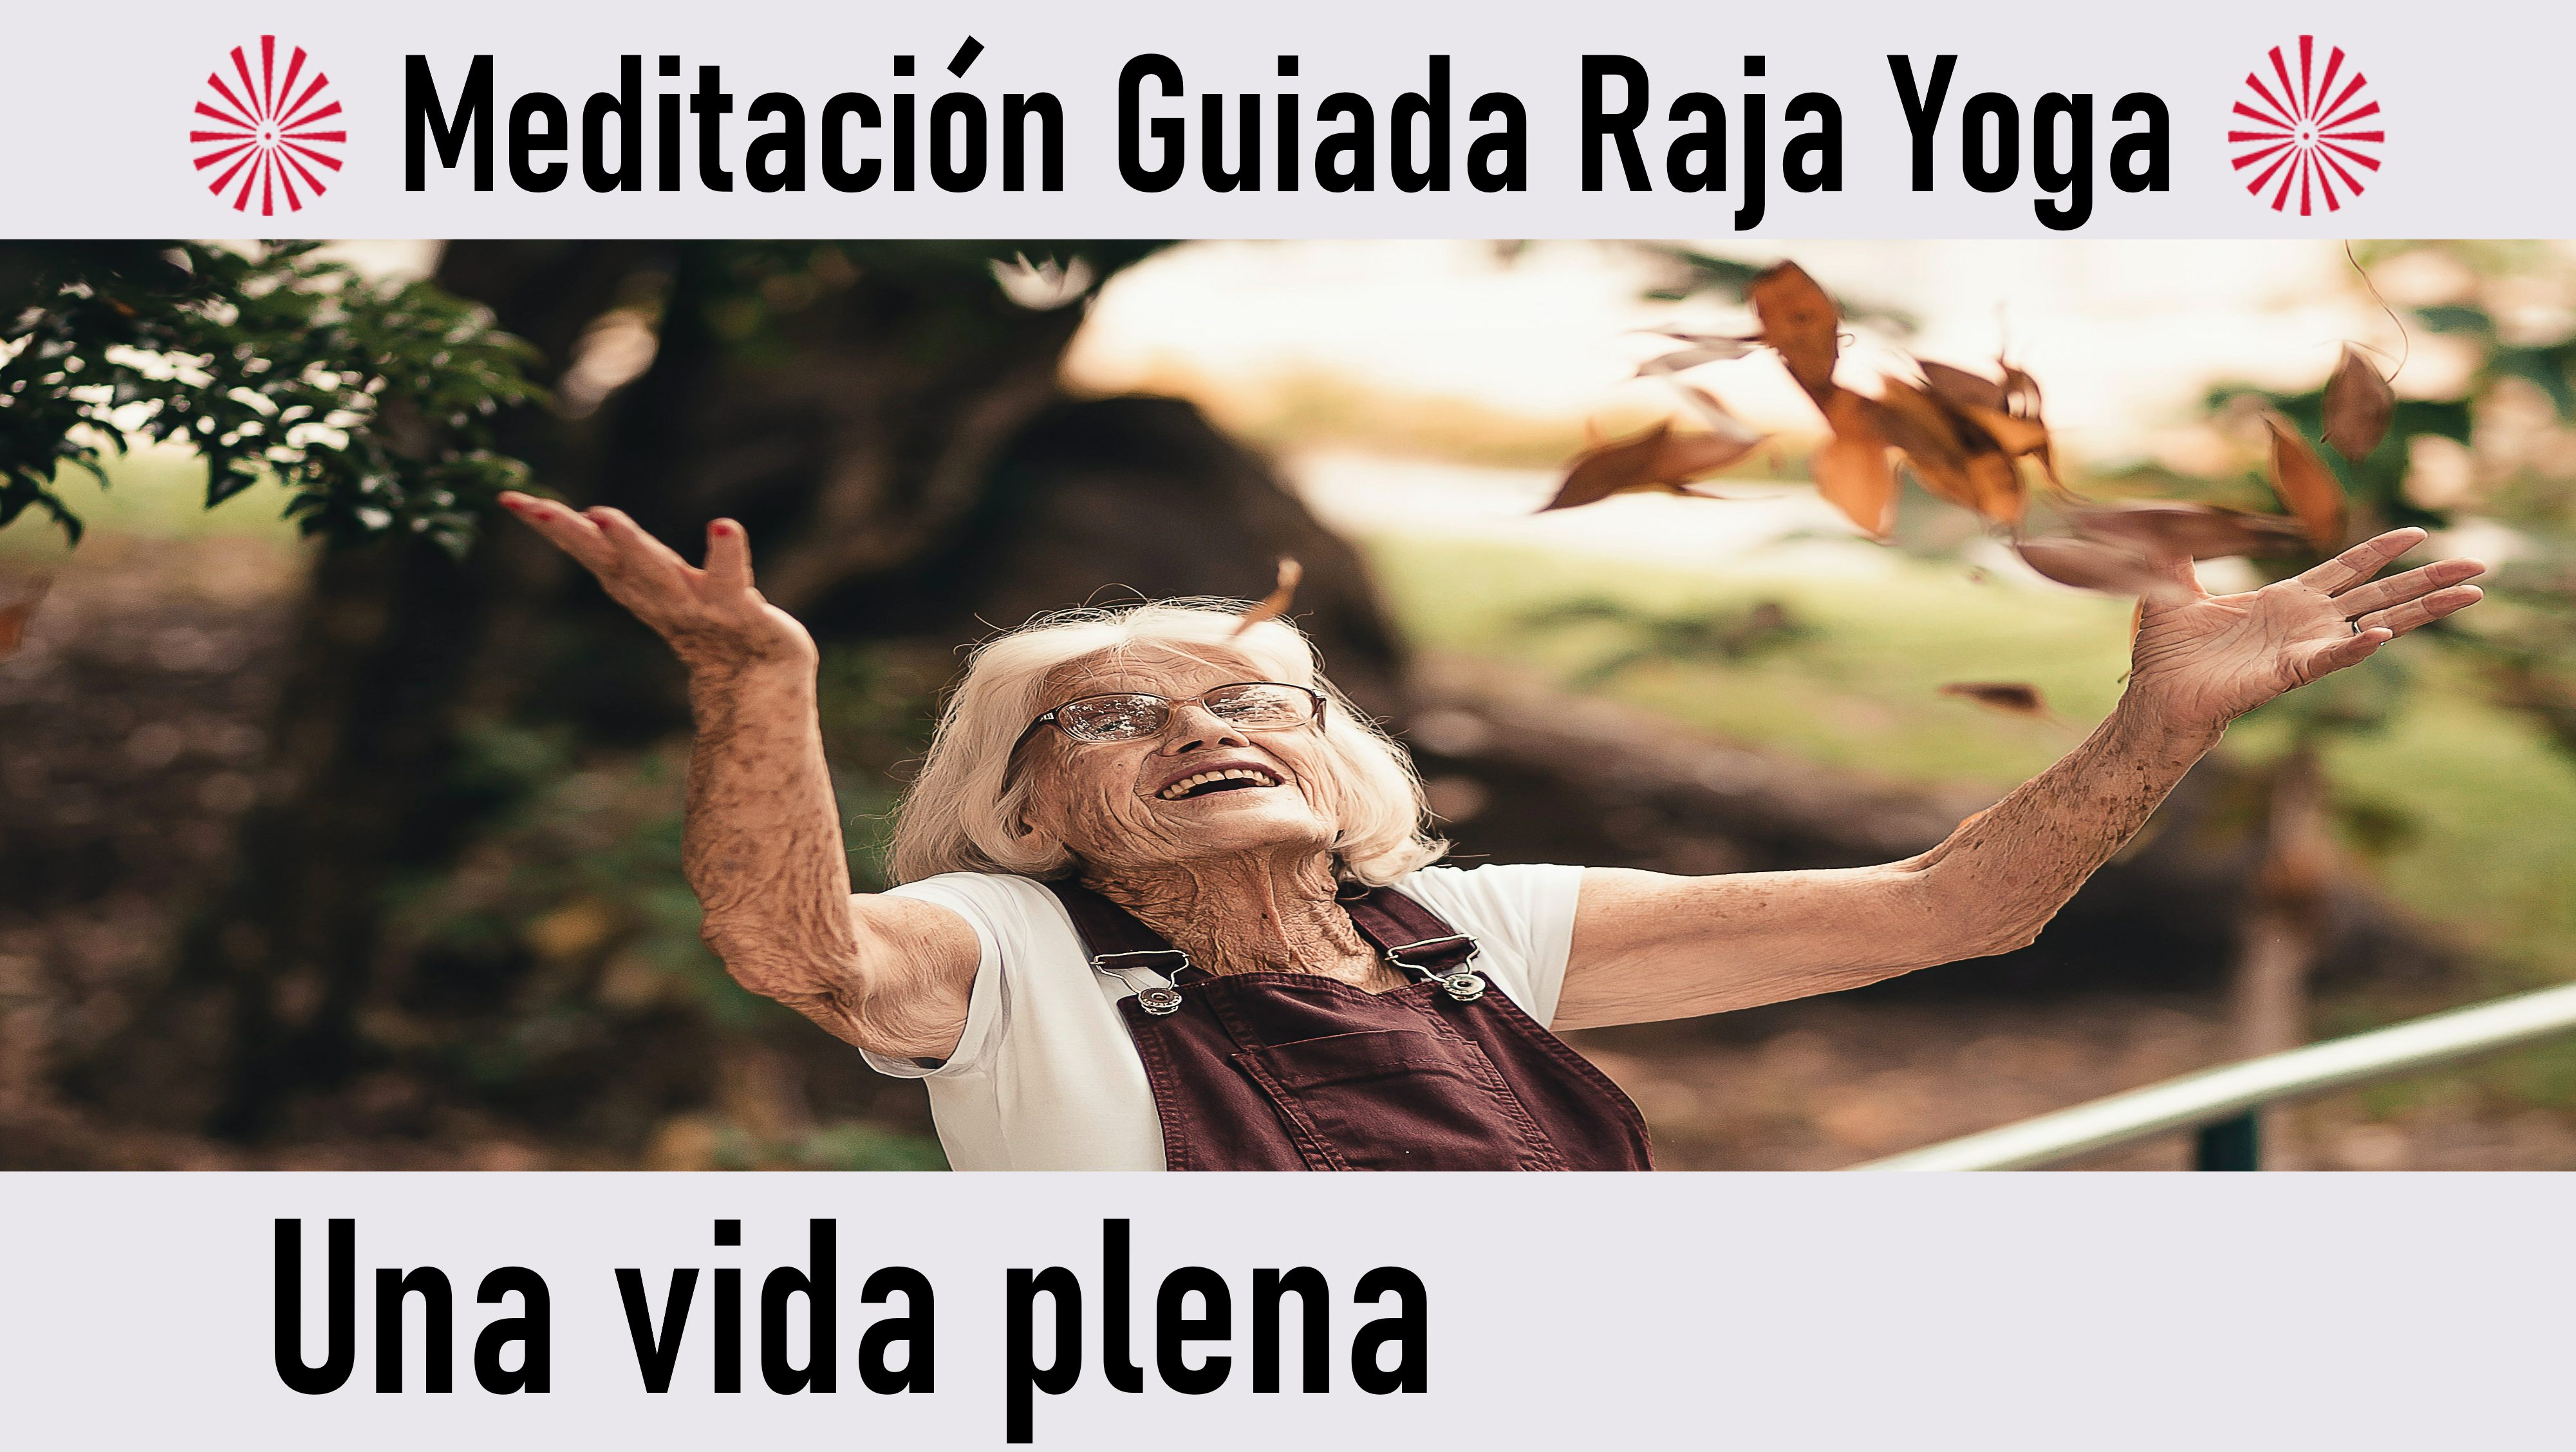 Meditación Raja Yoga: Una vida plena (7 Septiembre 2020) On-line desde Madrid